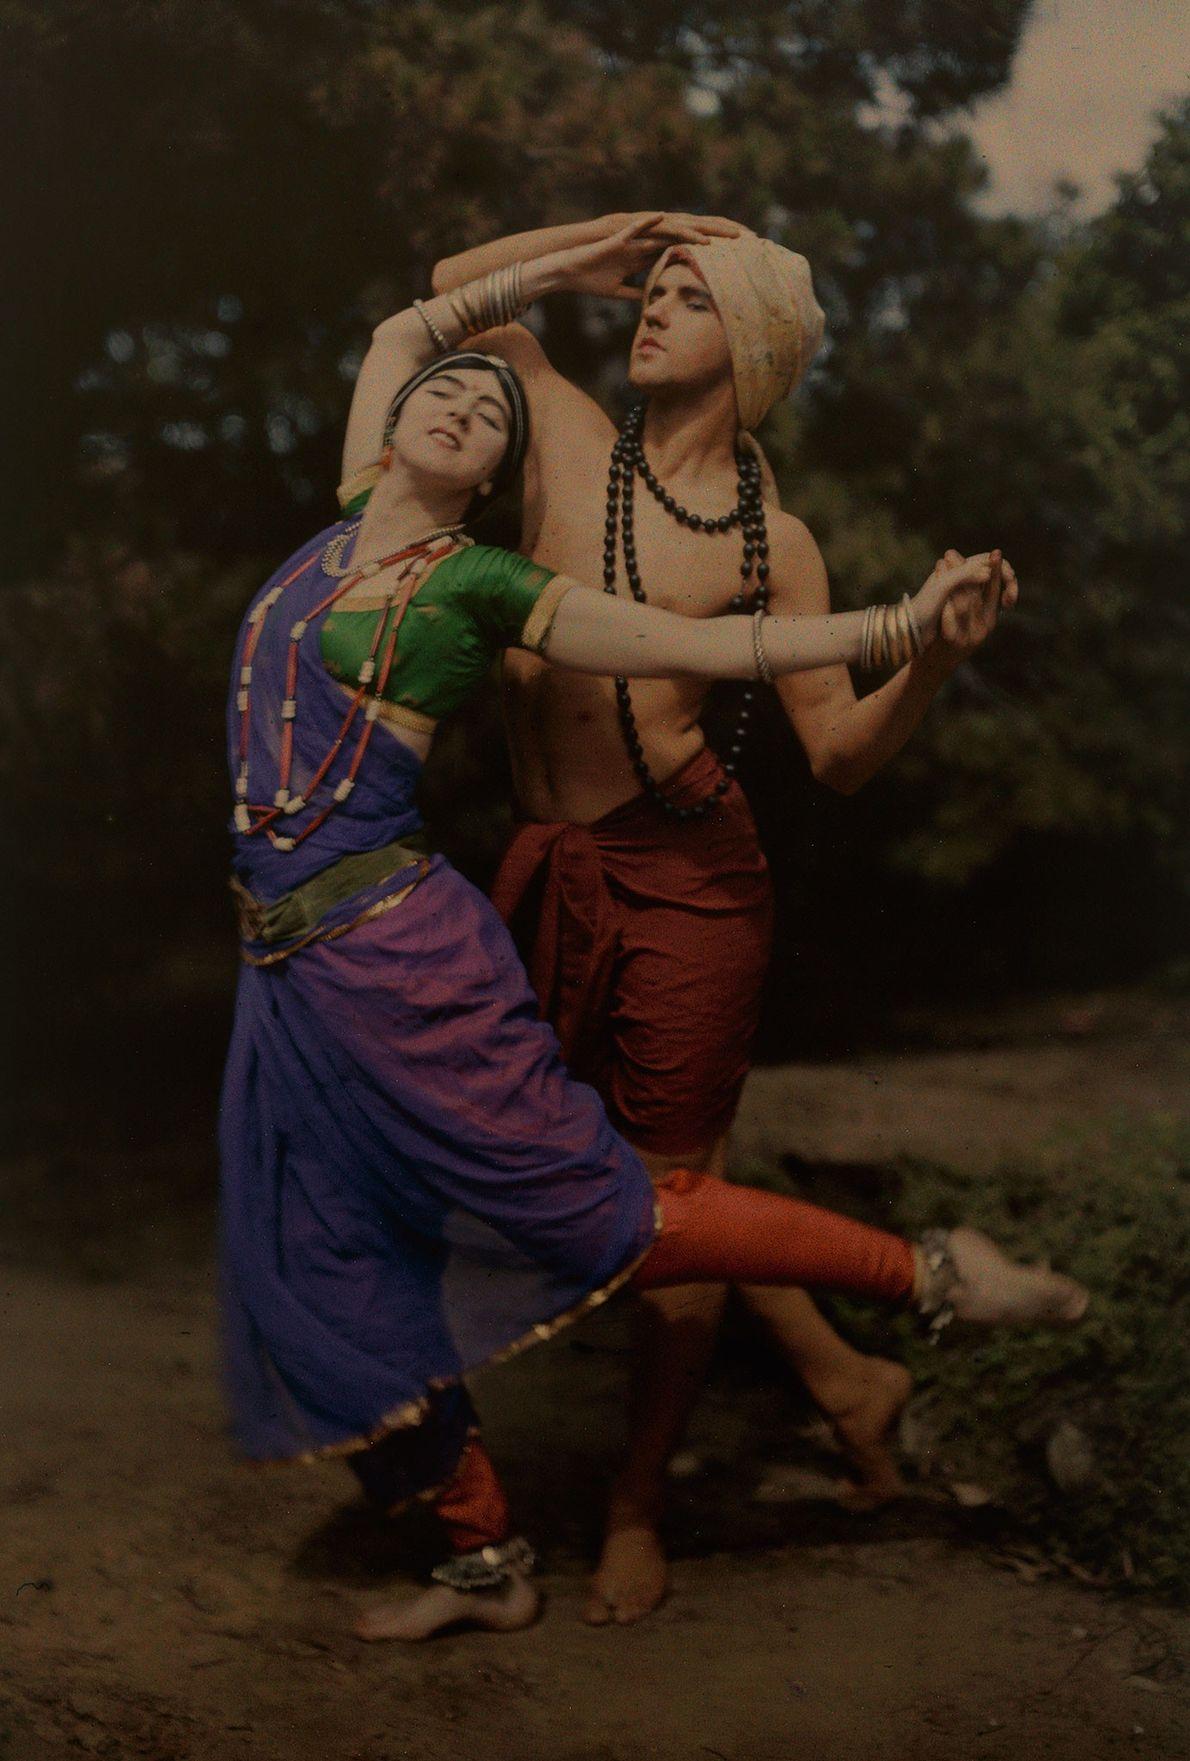 Ted Shawn und Ruth St. Denis, zwei Pioniere des modernen Tanzes, bei einer Aufführung im Kostüm. ...